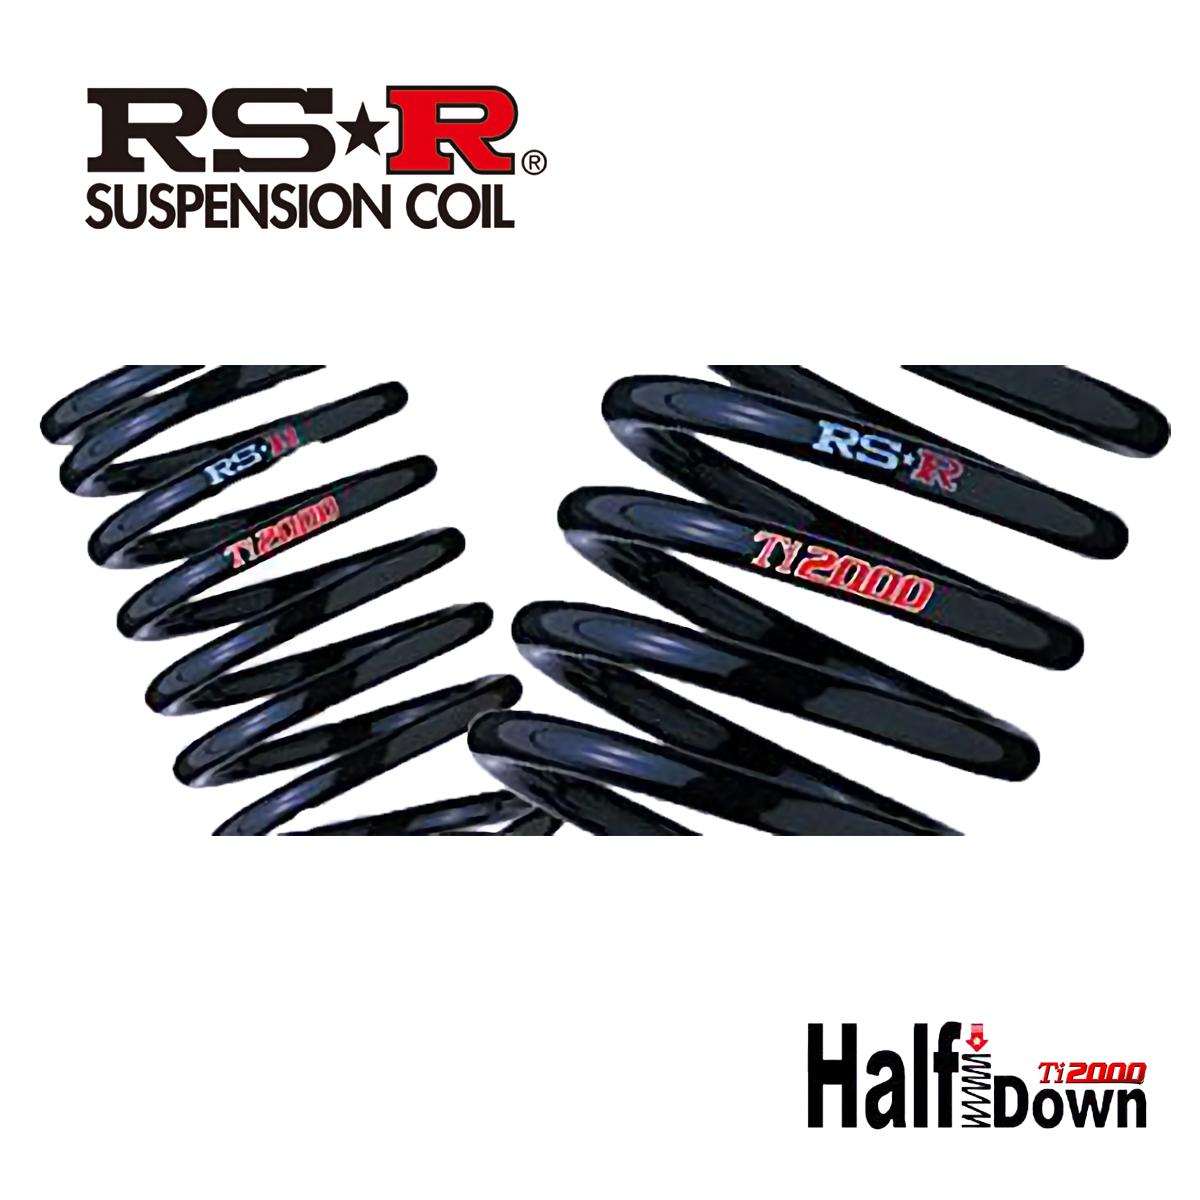 RS-R シフォン カスタムR スマートアシスト LA600F ダウンサス スプリング 1台分 D400THD Ti2000 ハーフダウン RSR 条件付き送料無料